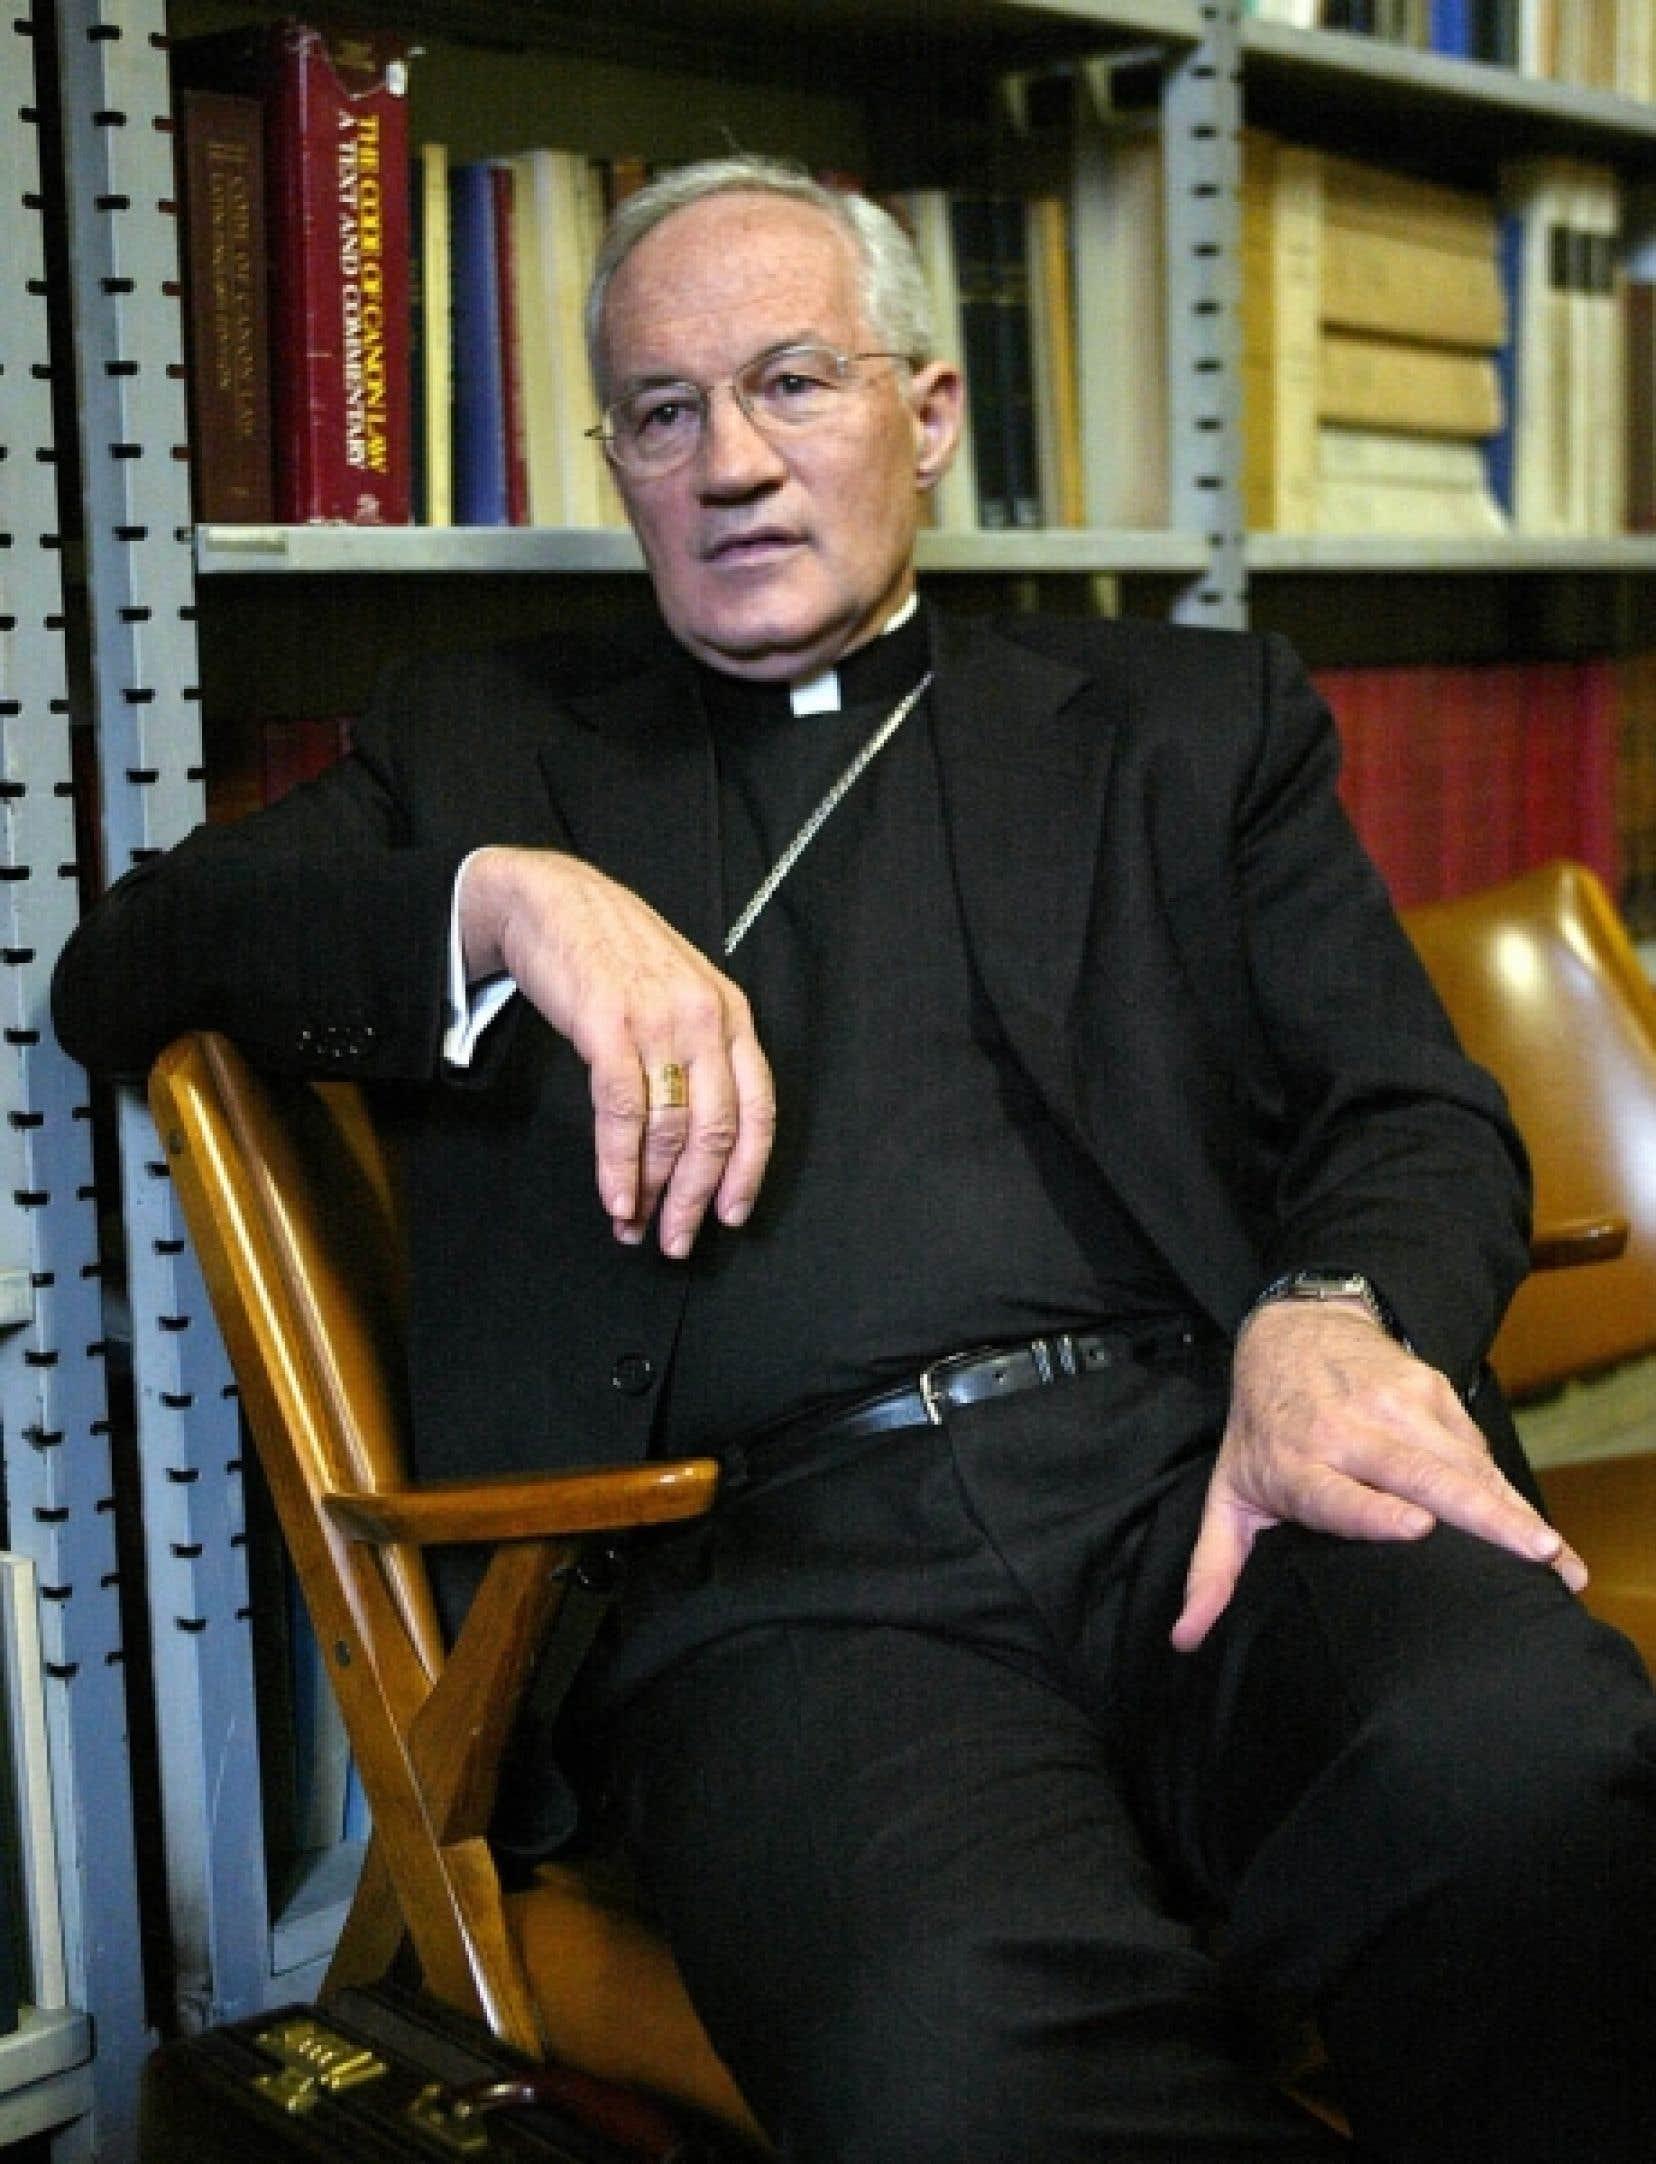 Selon l'Association des victimes de prêtres, Mgr Ouellet est l'ultime responsable du silence et de l'indifférence de l'Église catholique à l'égard des victimes d'agressions sexuelles en son sein.